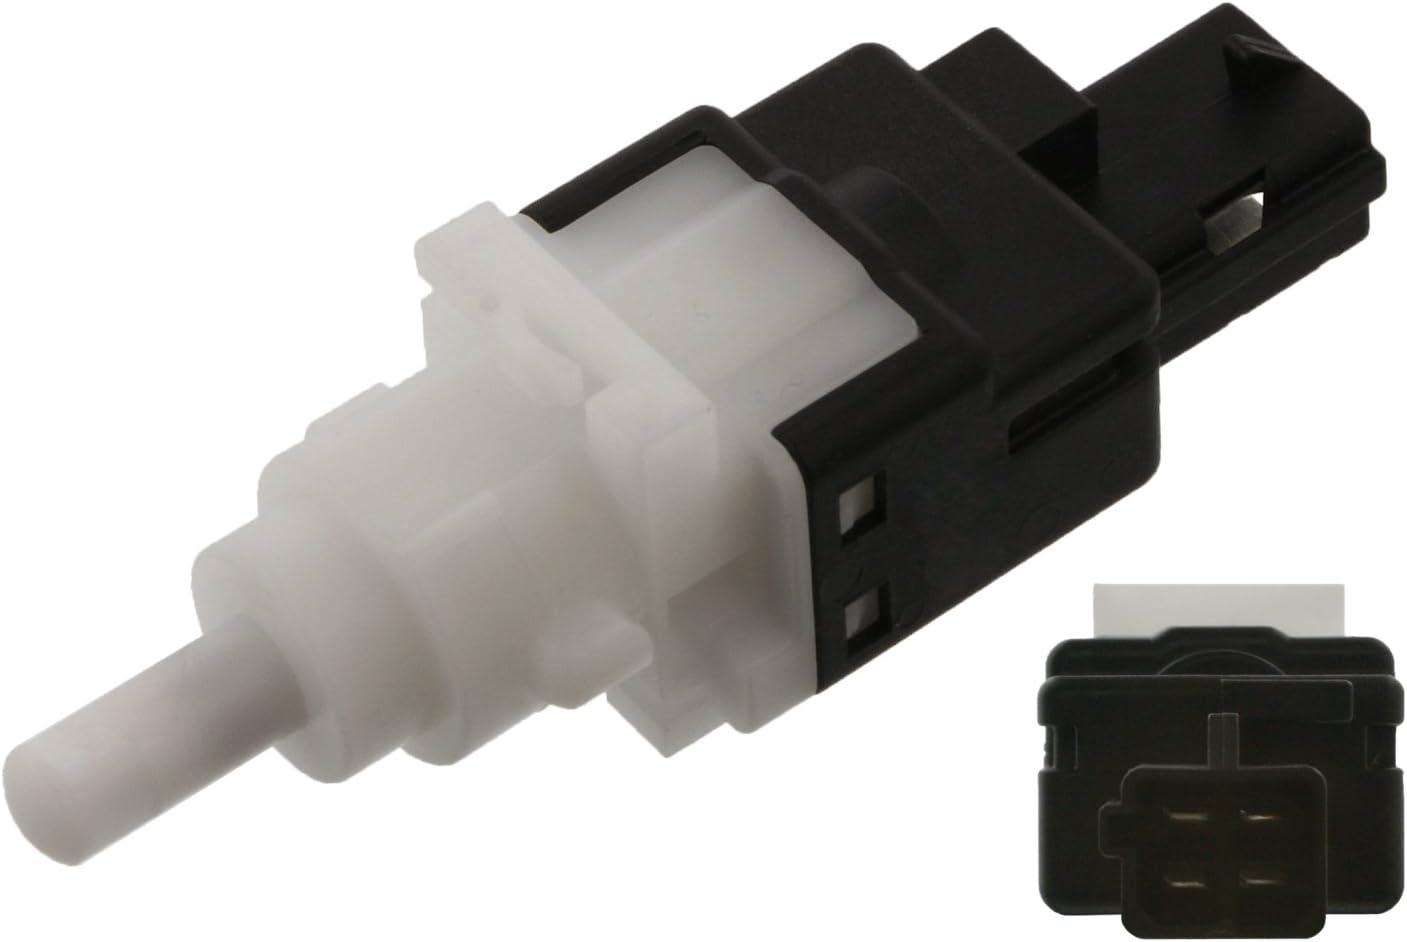 febi bilstein 37579 brake light switch - Pack of 1